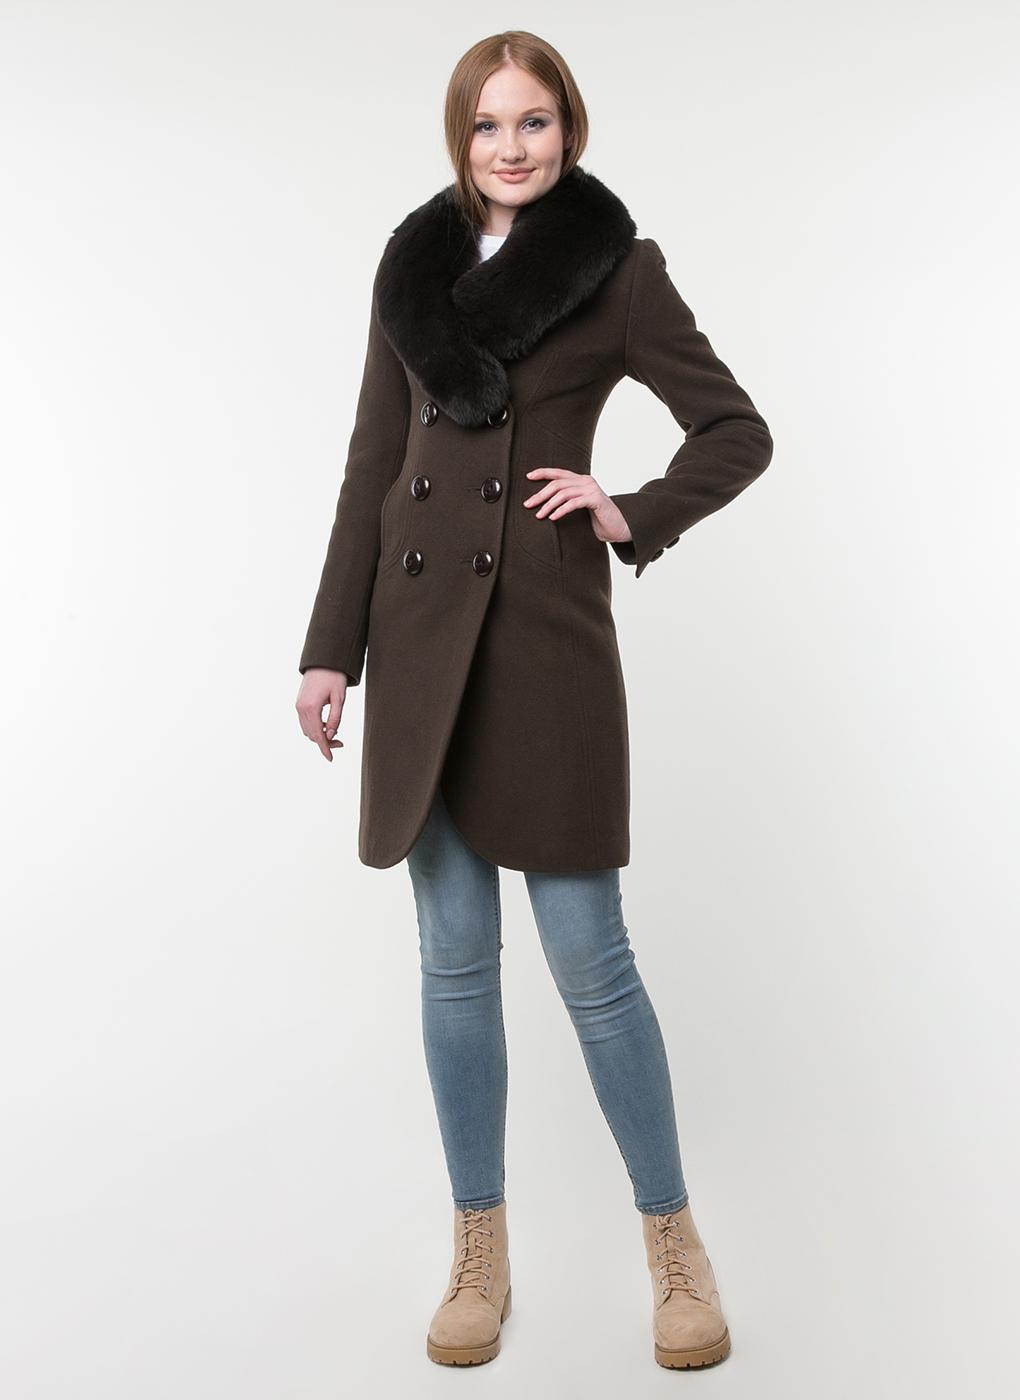 Пальто приталенное шерстяное 31, idekka